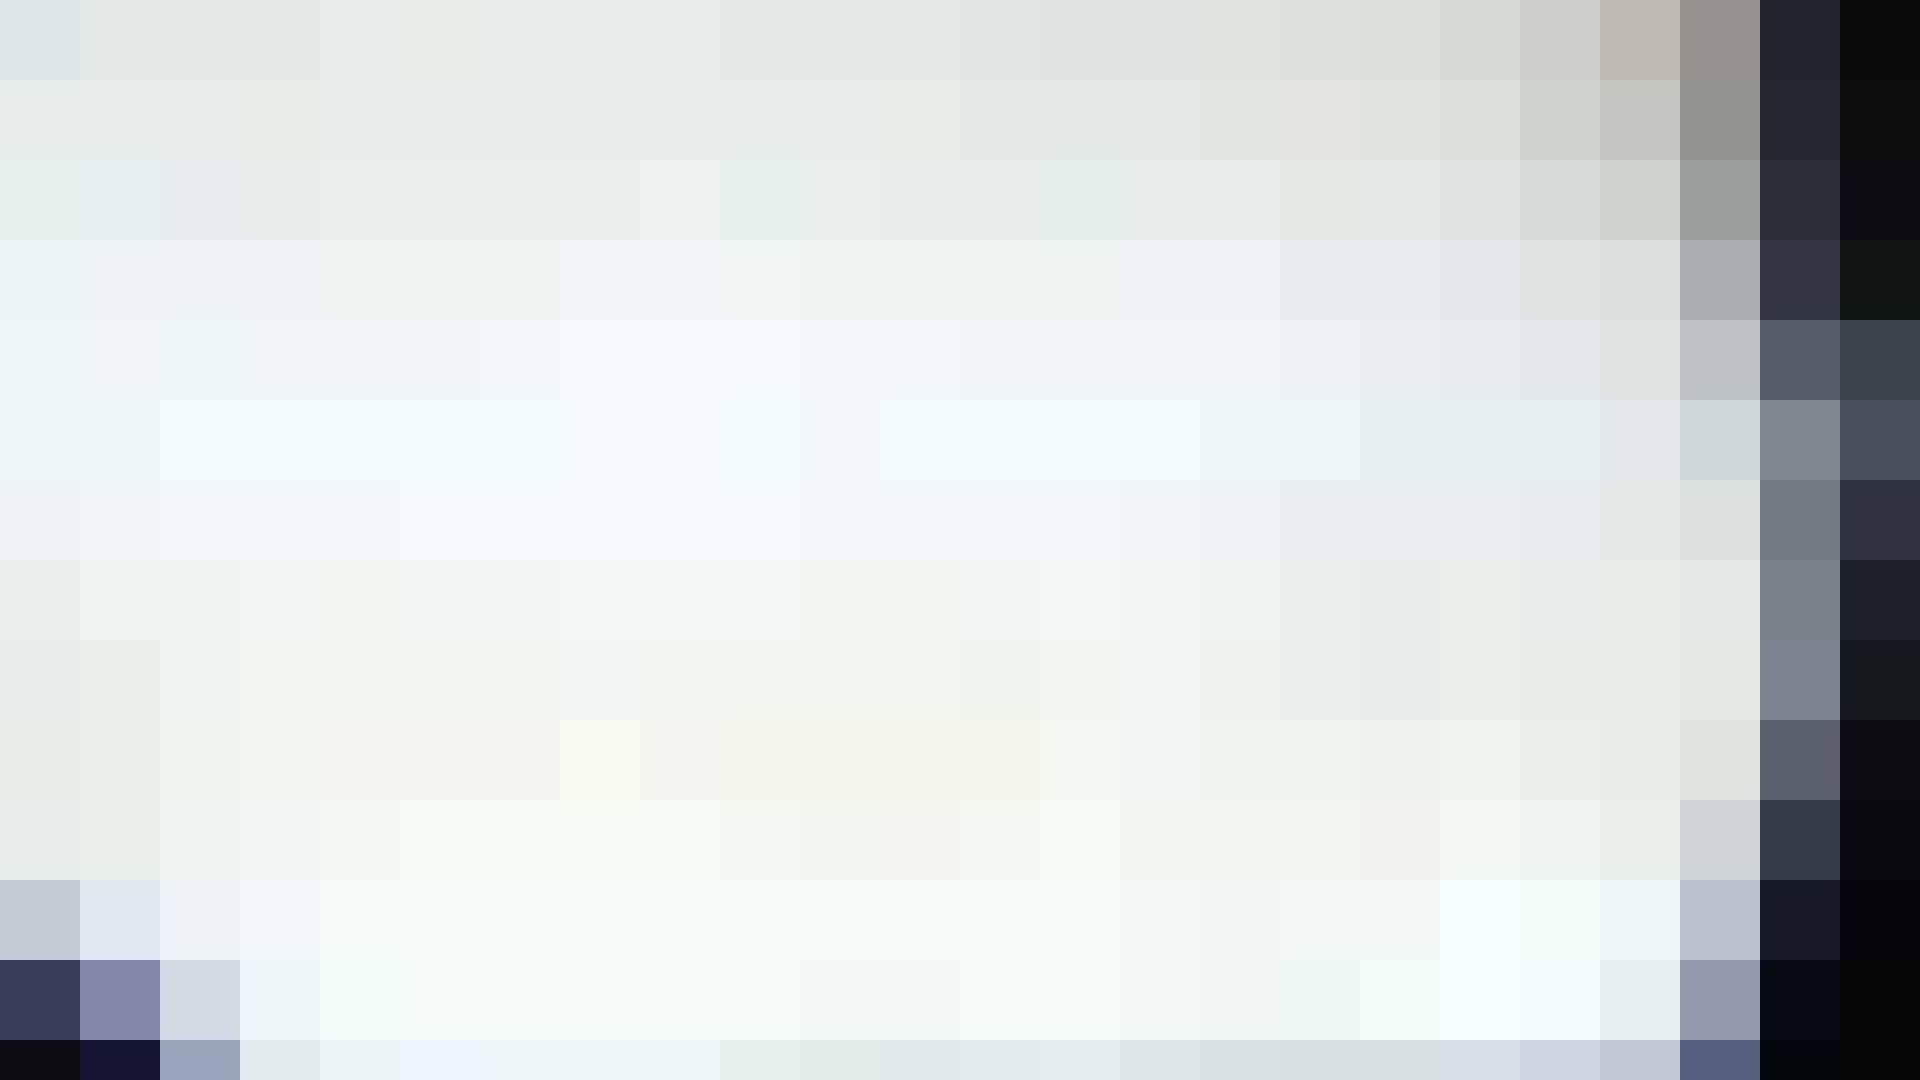 洗面所特攻隊 vol.016 ナナメな方 洗面所  107PIX 46